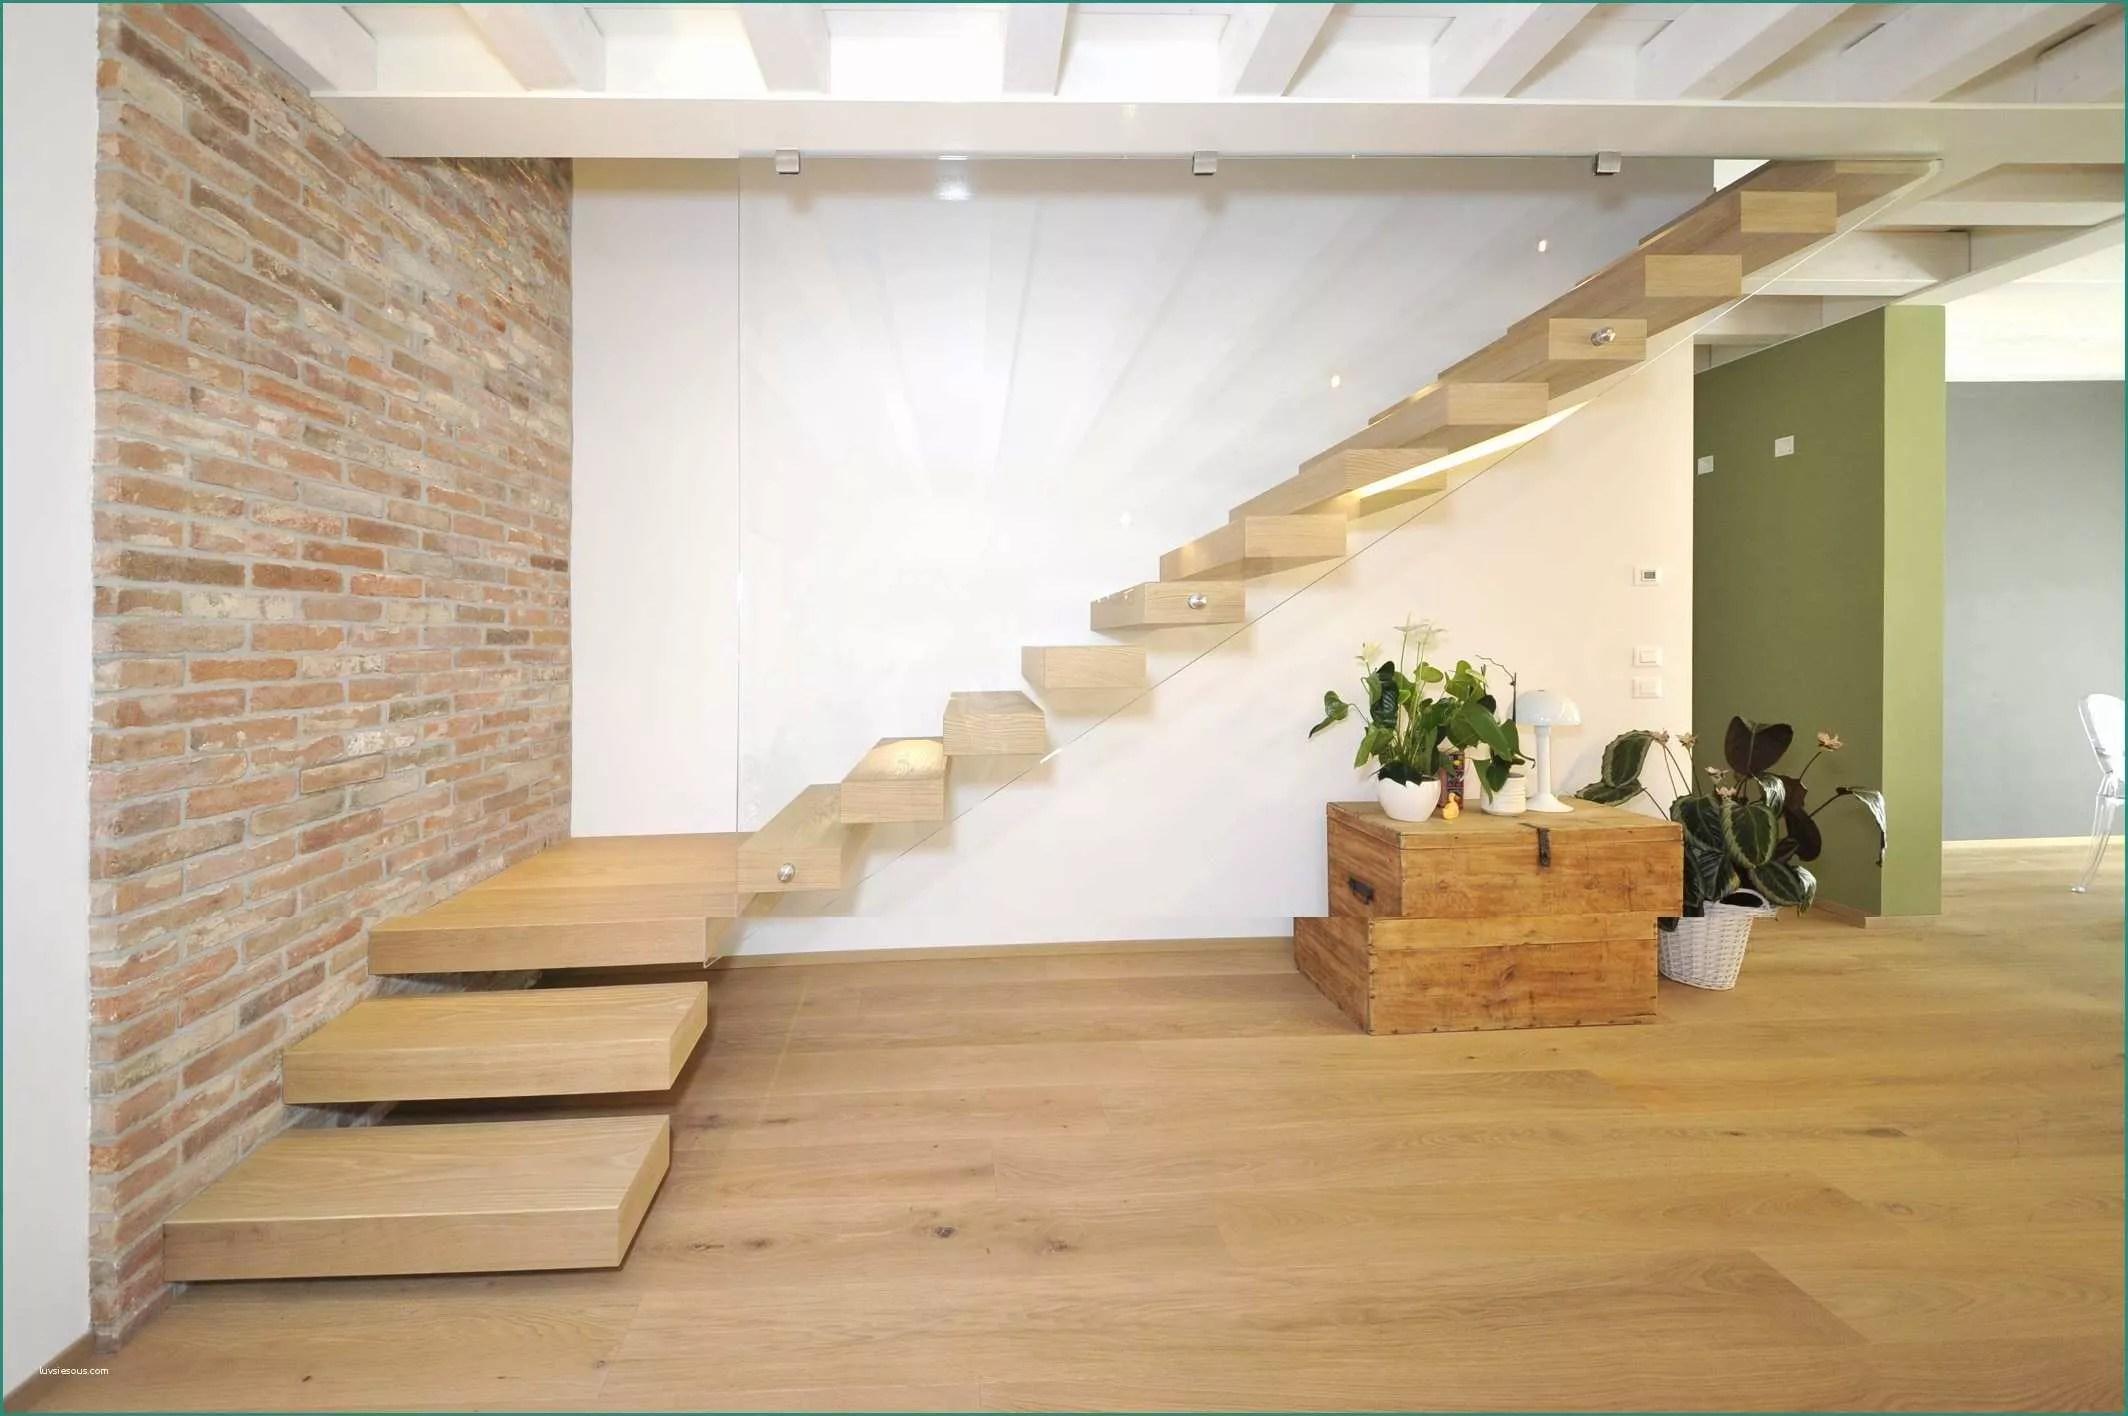 Idee scale per interni eccezionale scale in cemento armato per